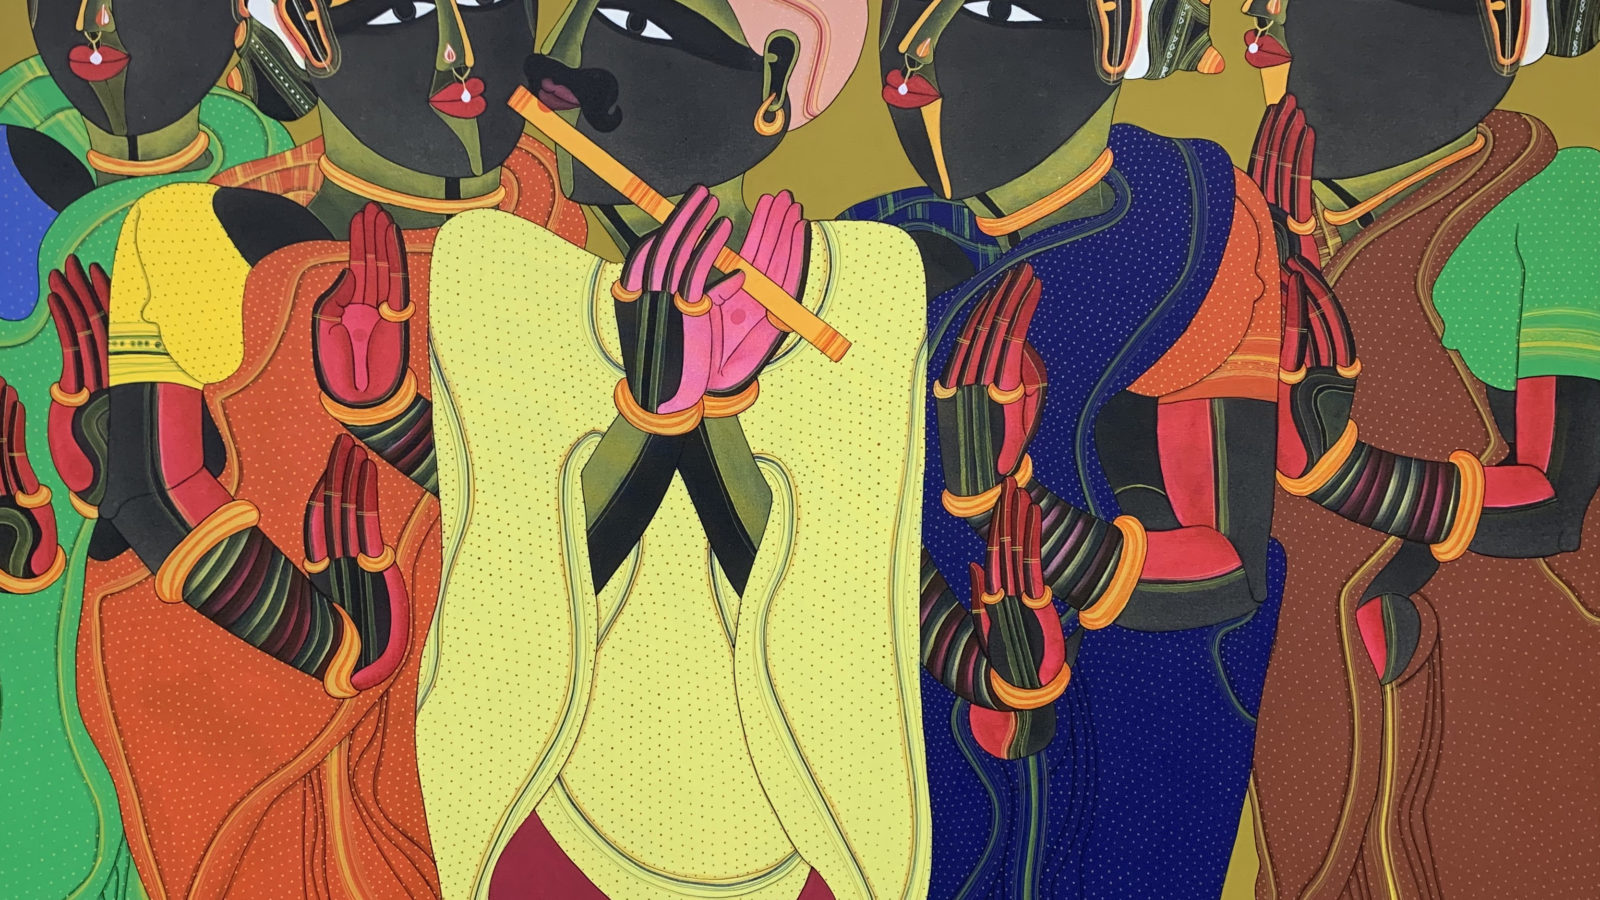 Thota Vaikuntam. Untitled2. Courtesy of Gallerie Nvya